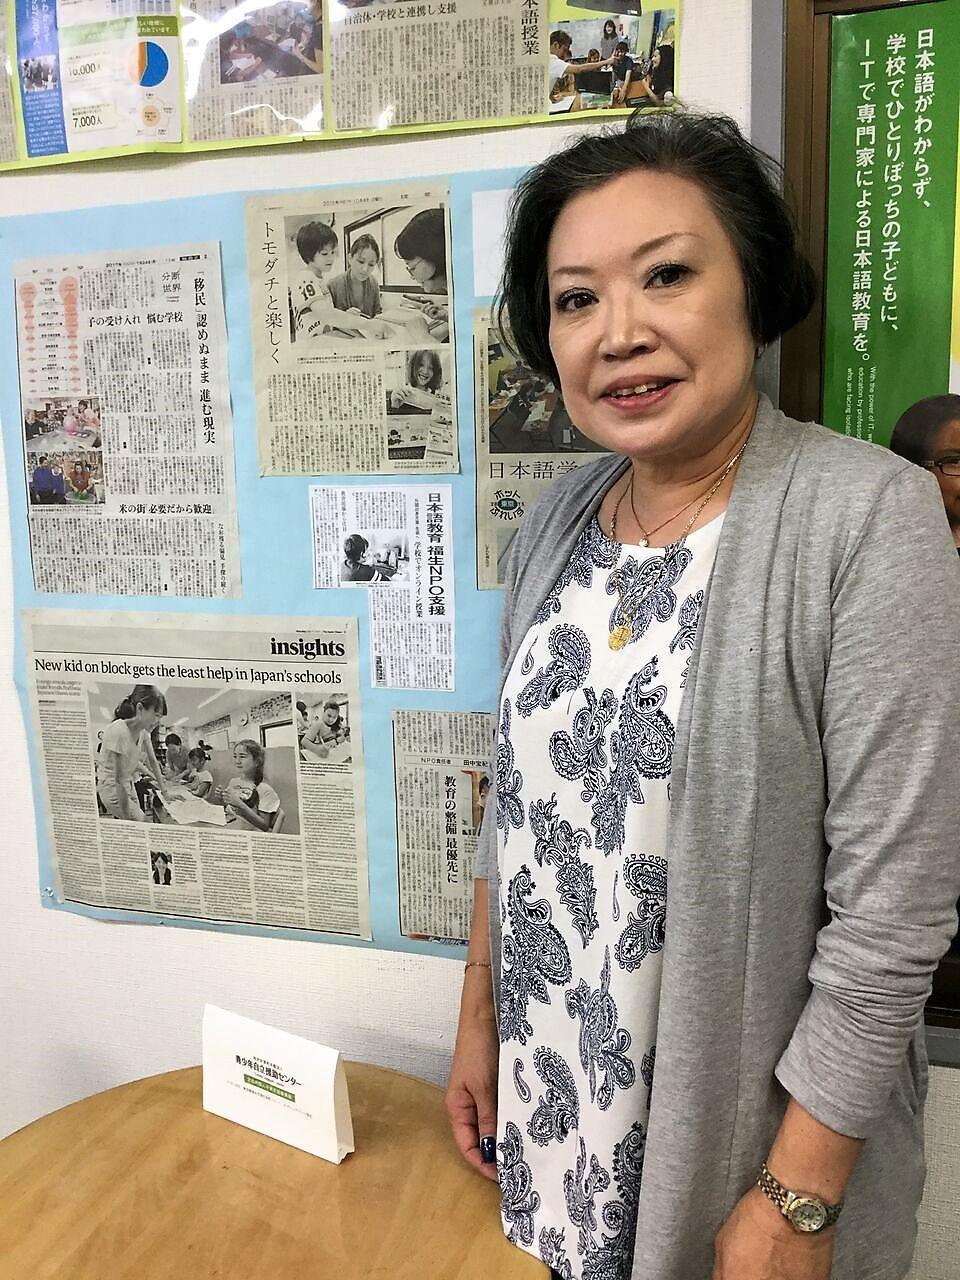 【特別企画】当校の多文化コーディネーターにインタビュー(前編)